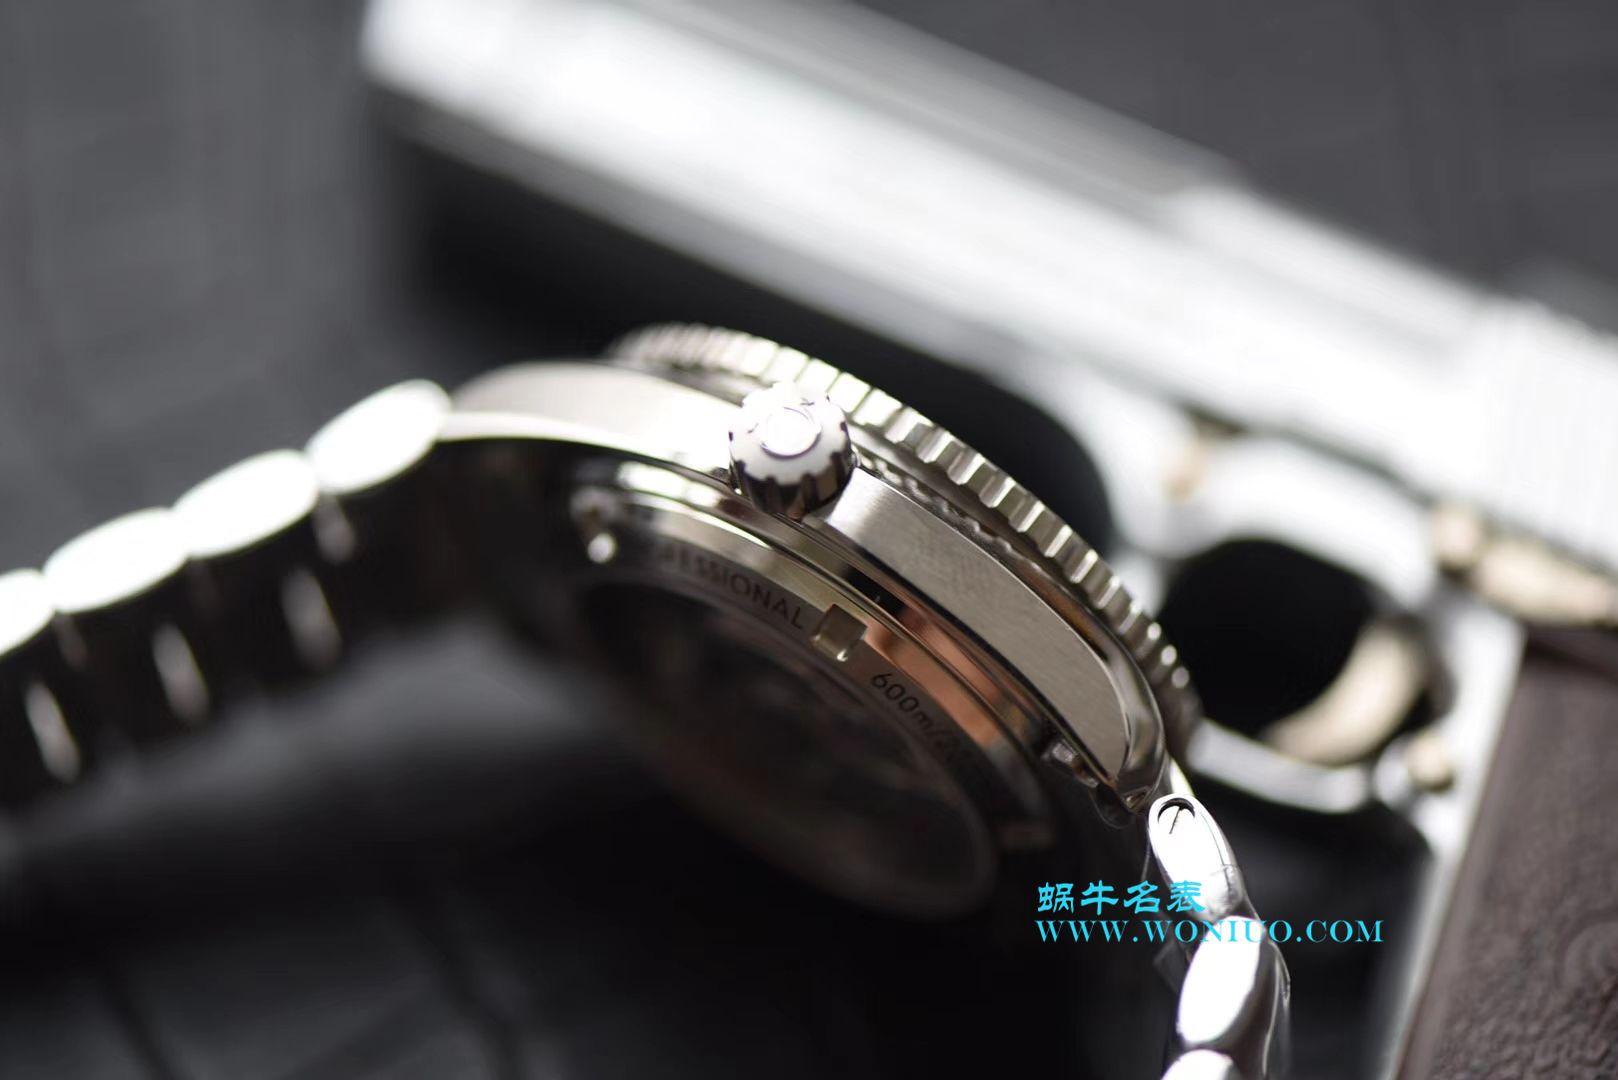 【VS厂顶级复刻手表】欧米茄海马系列 海洋宇宙600米232.30.42.21.01.003腕表 / M336